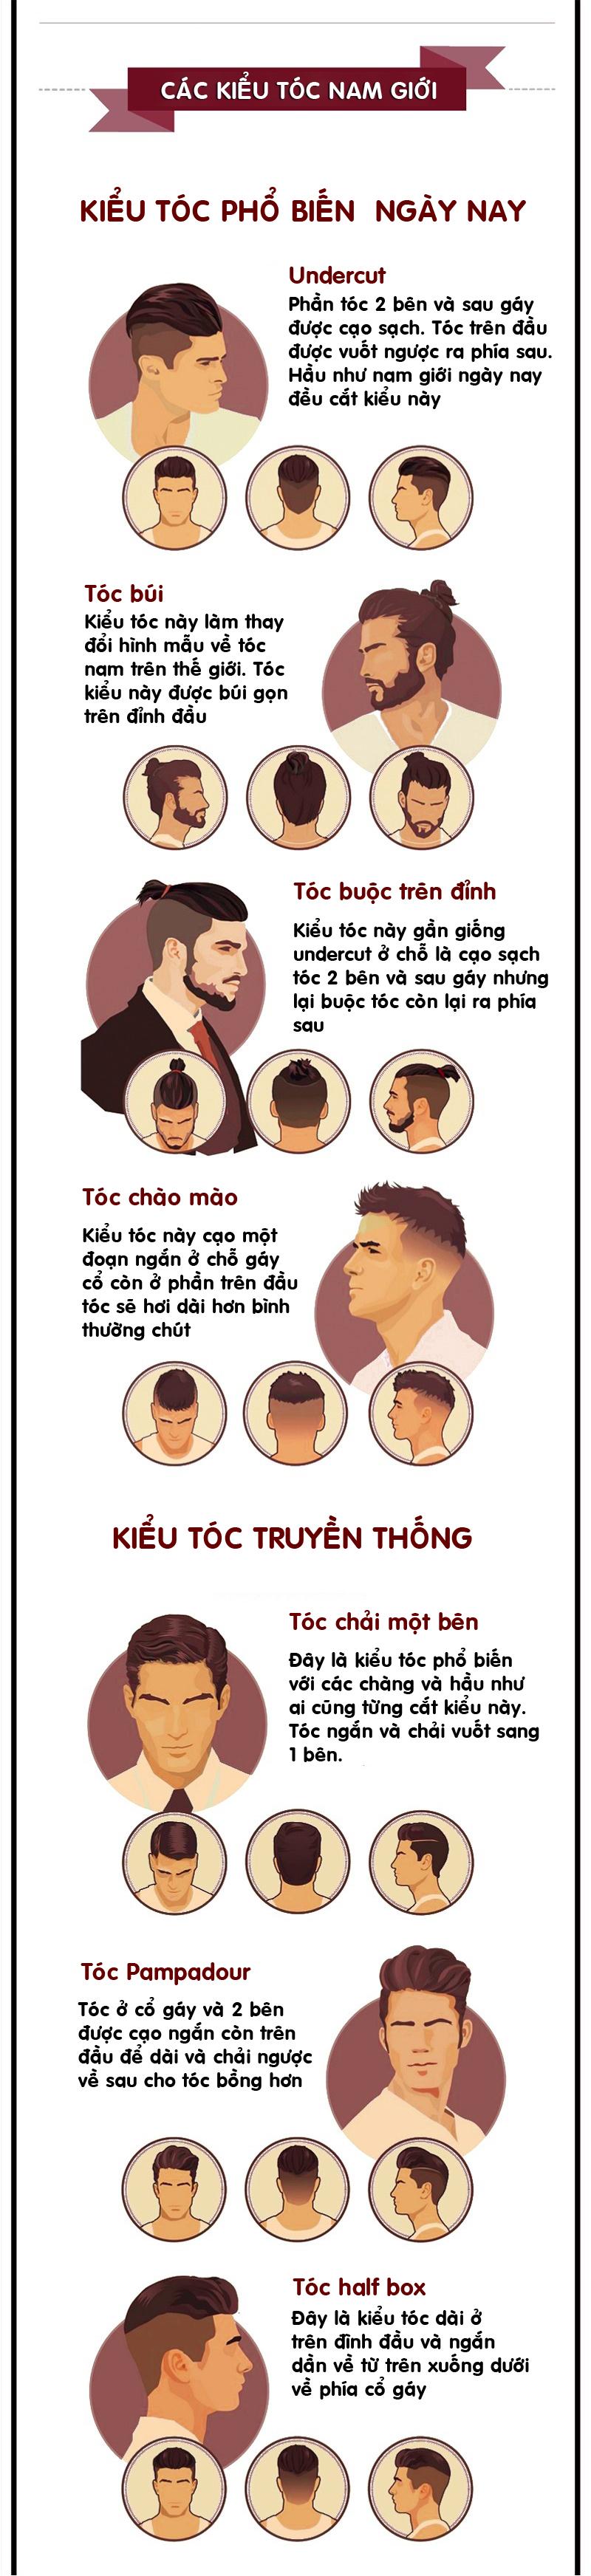 Những kiểu tóc đẹp cho nam giới tha hồ bảnh bao - 1